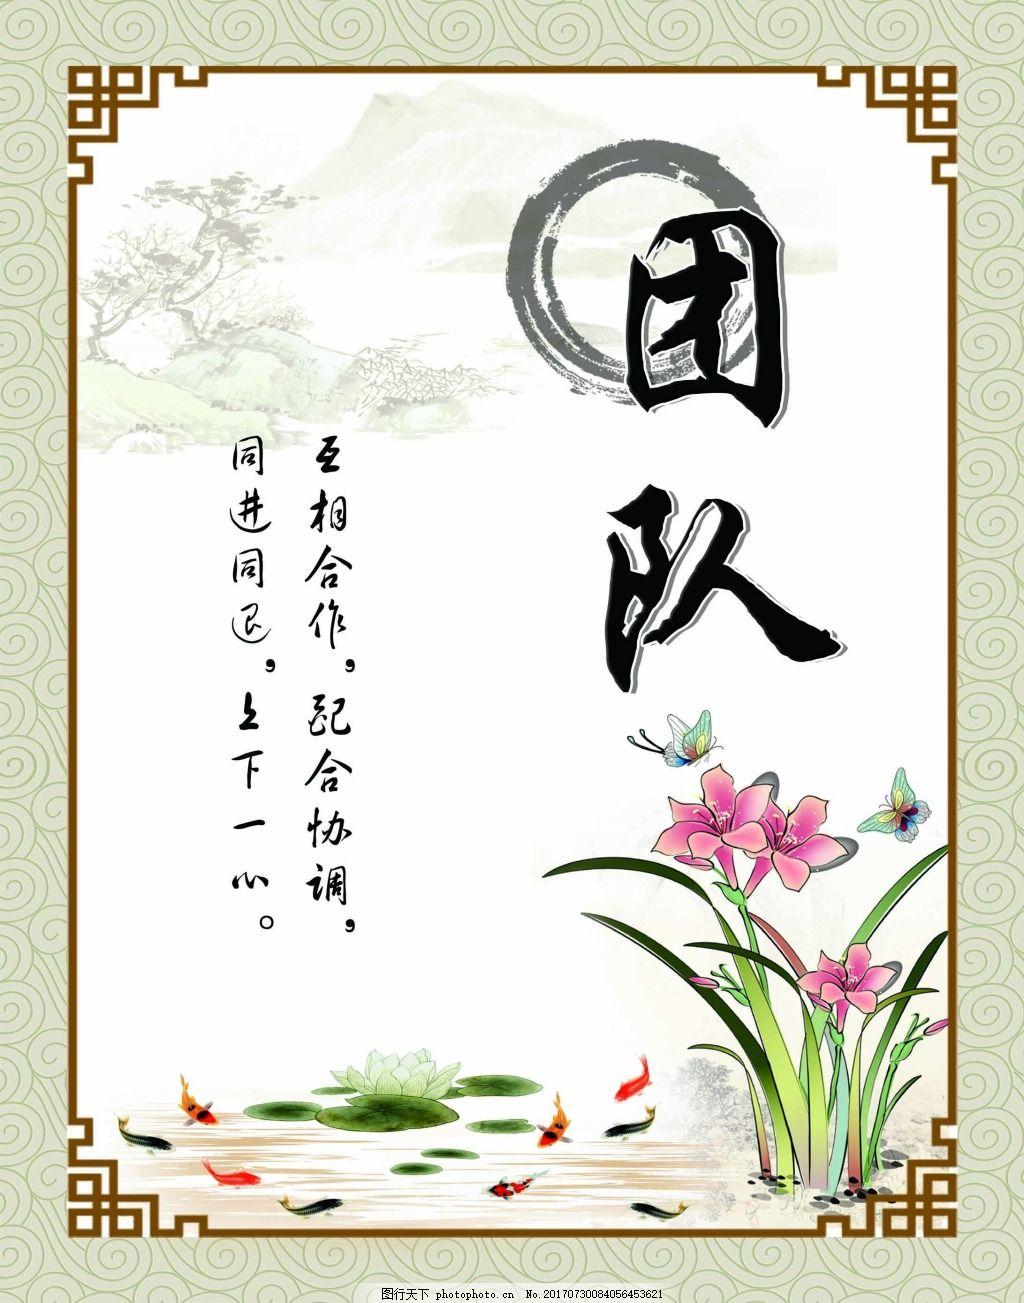 中国风企业团队展板 企业文化 边框 兰花 锦鲤 荷